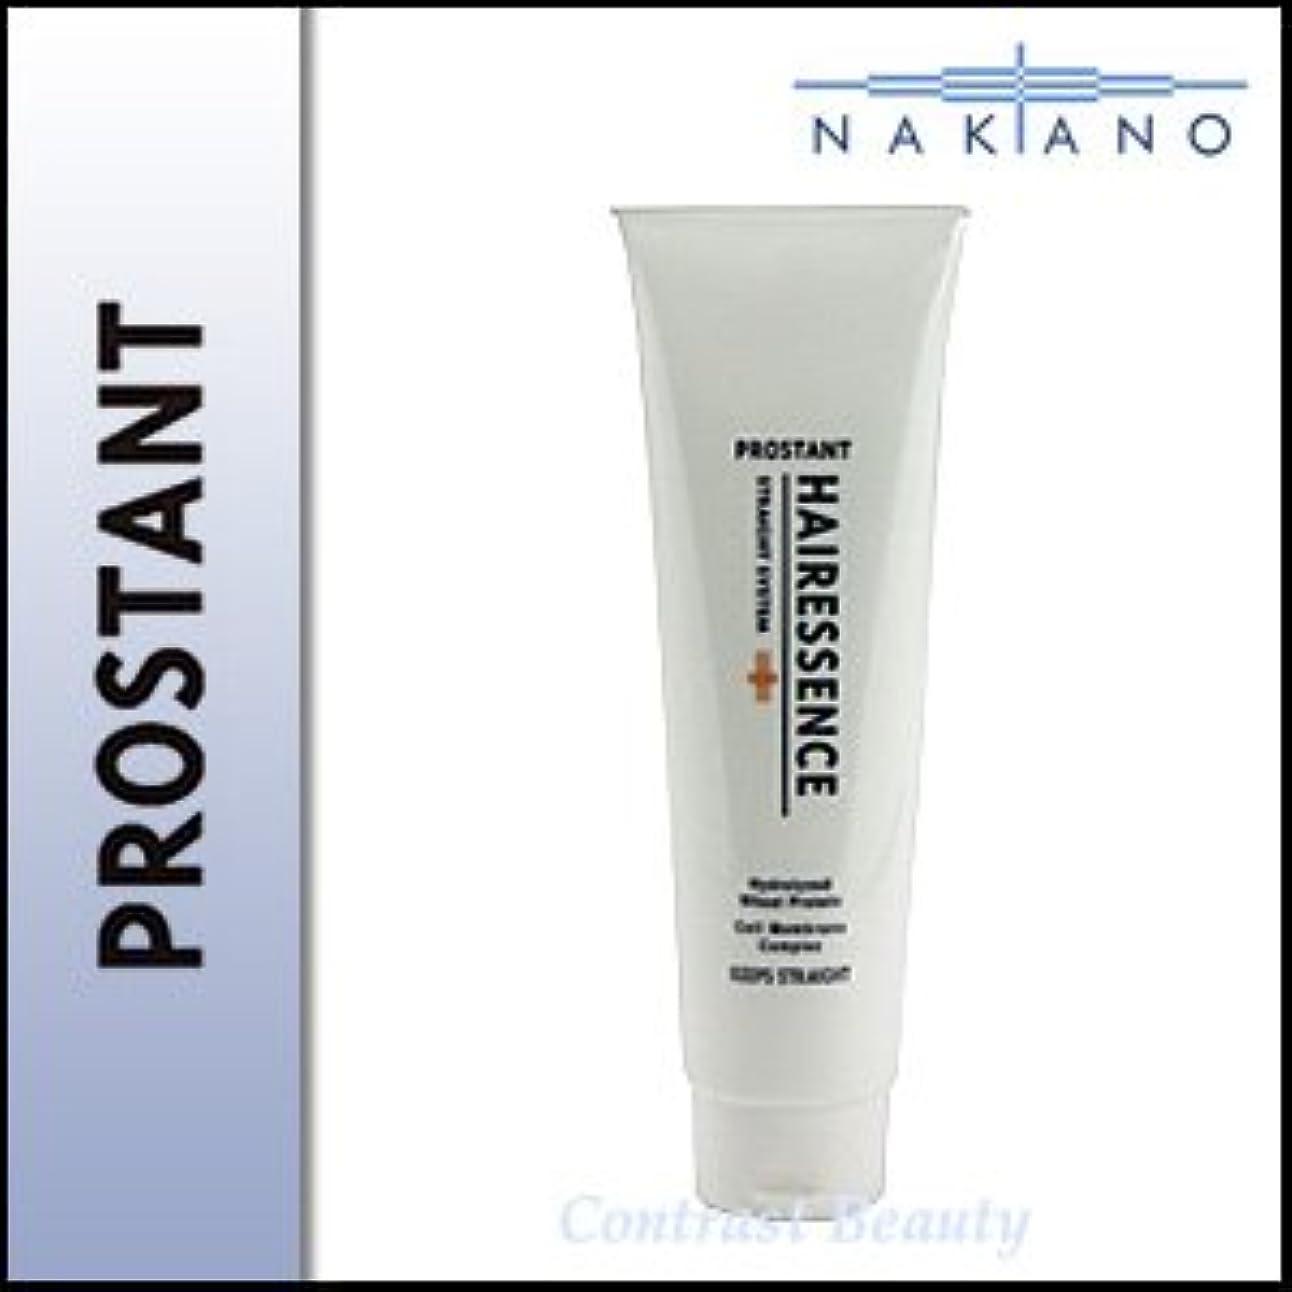 警戒予定顕微鏡ナカノ プロスタント ヘアエッセンス 250g エッセンス(洗い流さないヘアトリートメント)